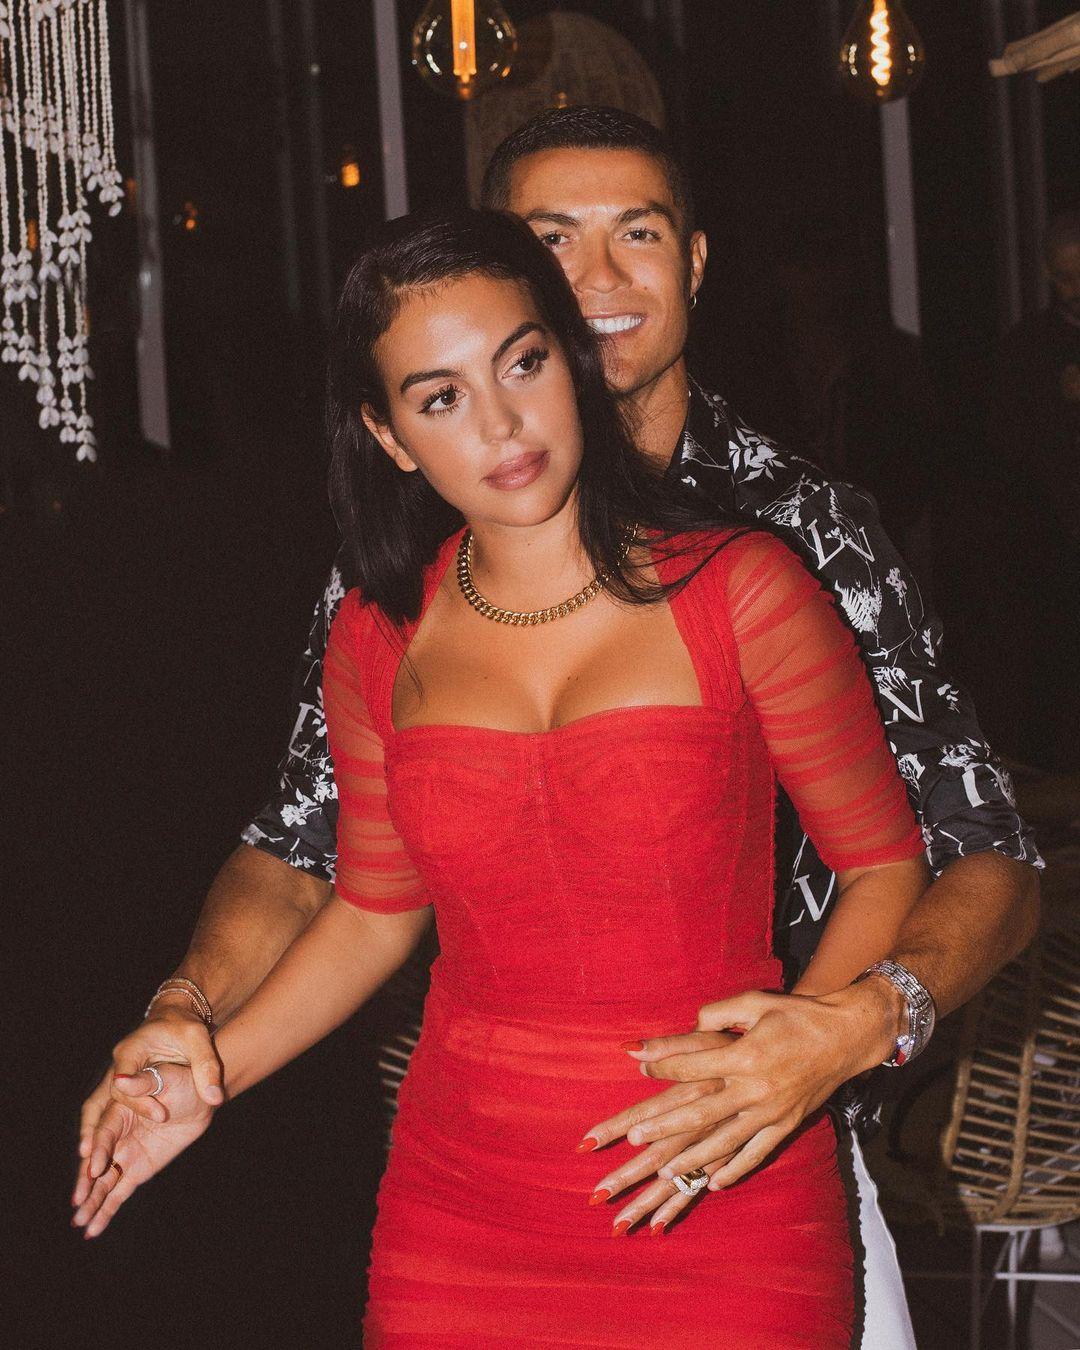 كريستيانو رونالدو يهنئ حبيبته بعيد ميلادها